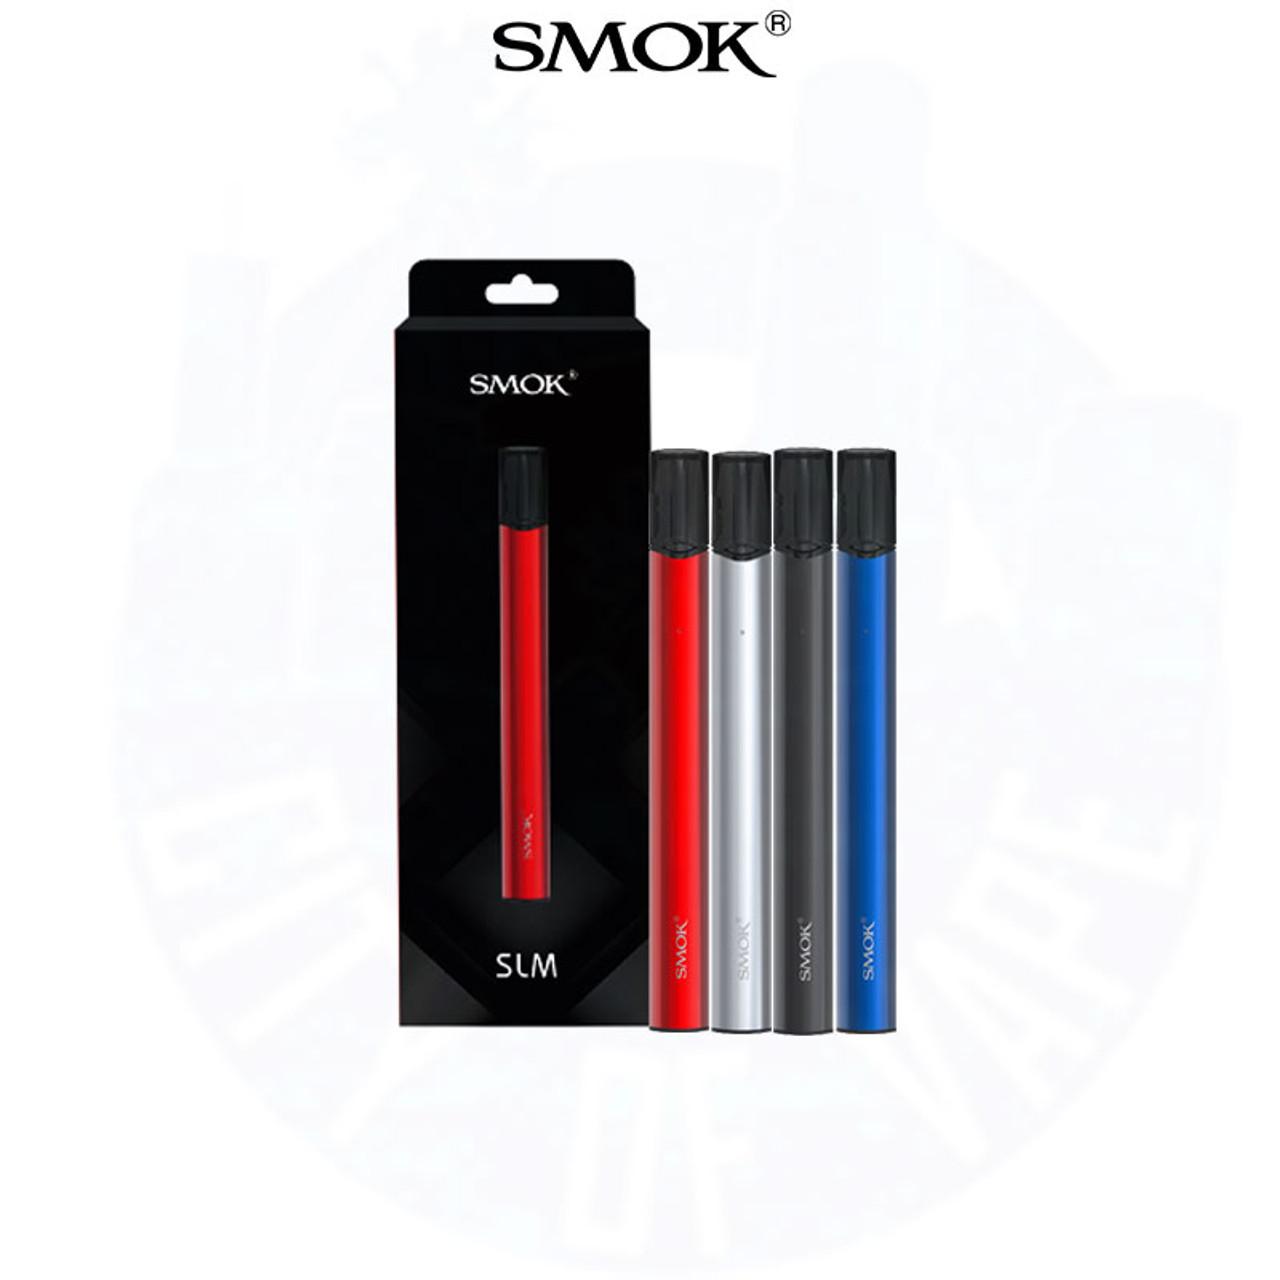 SMOK SLM KIT| POD SYSTEM | 16 W